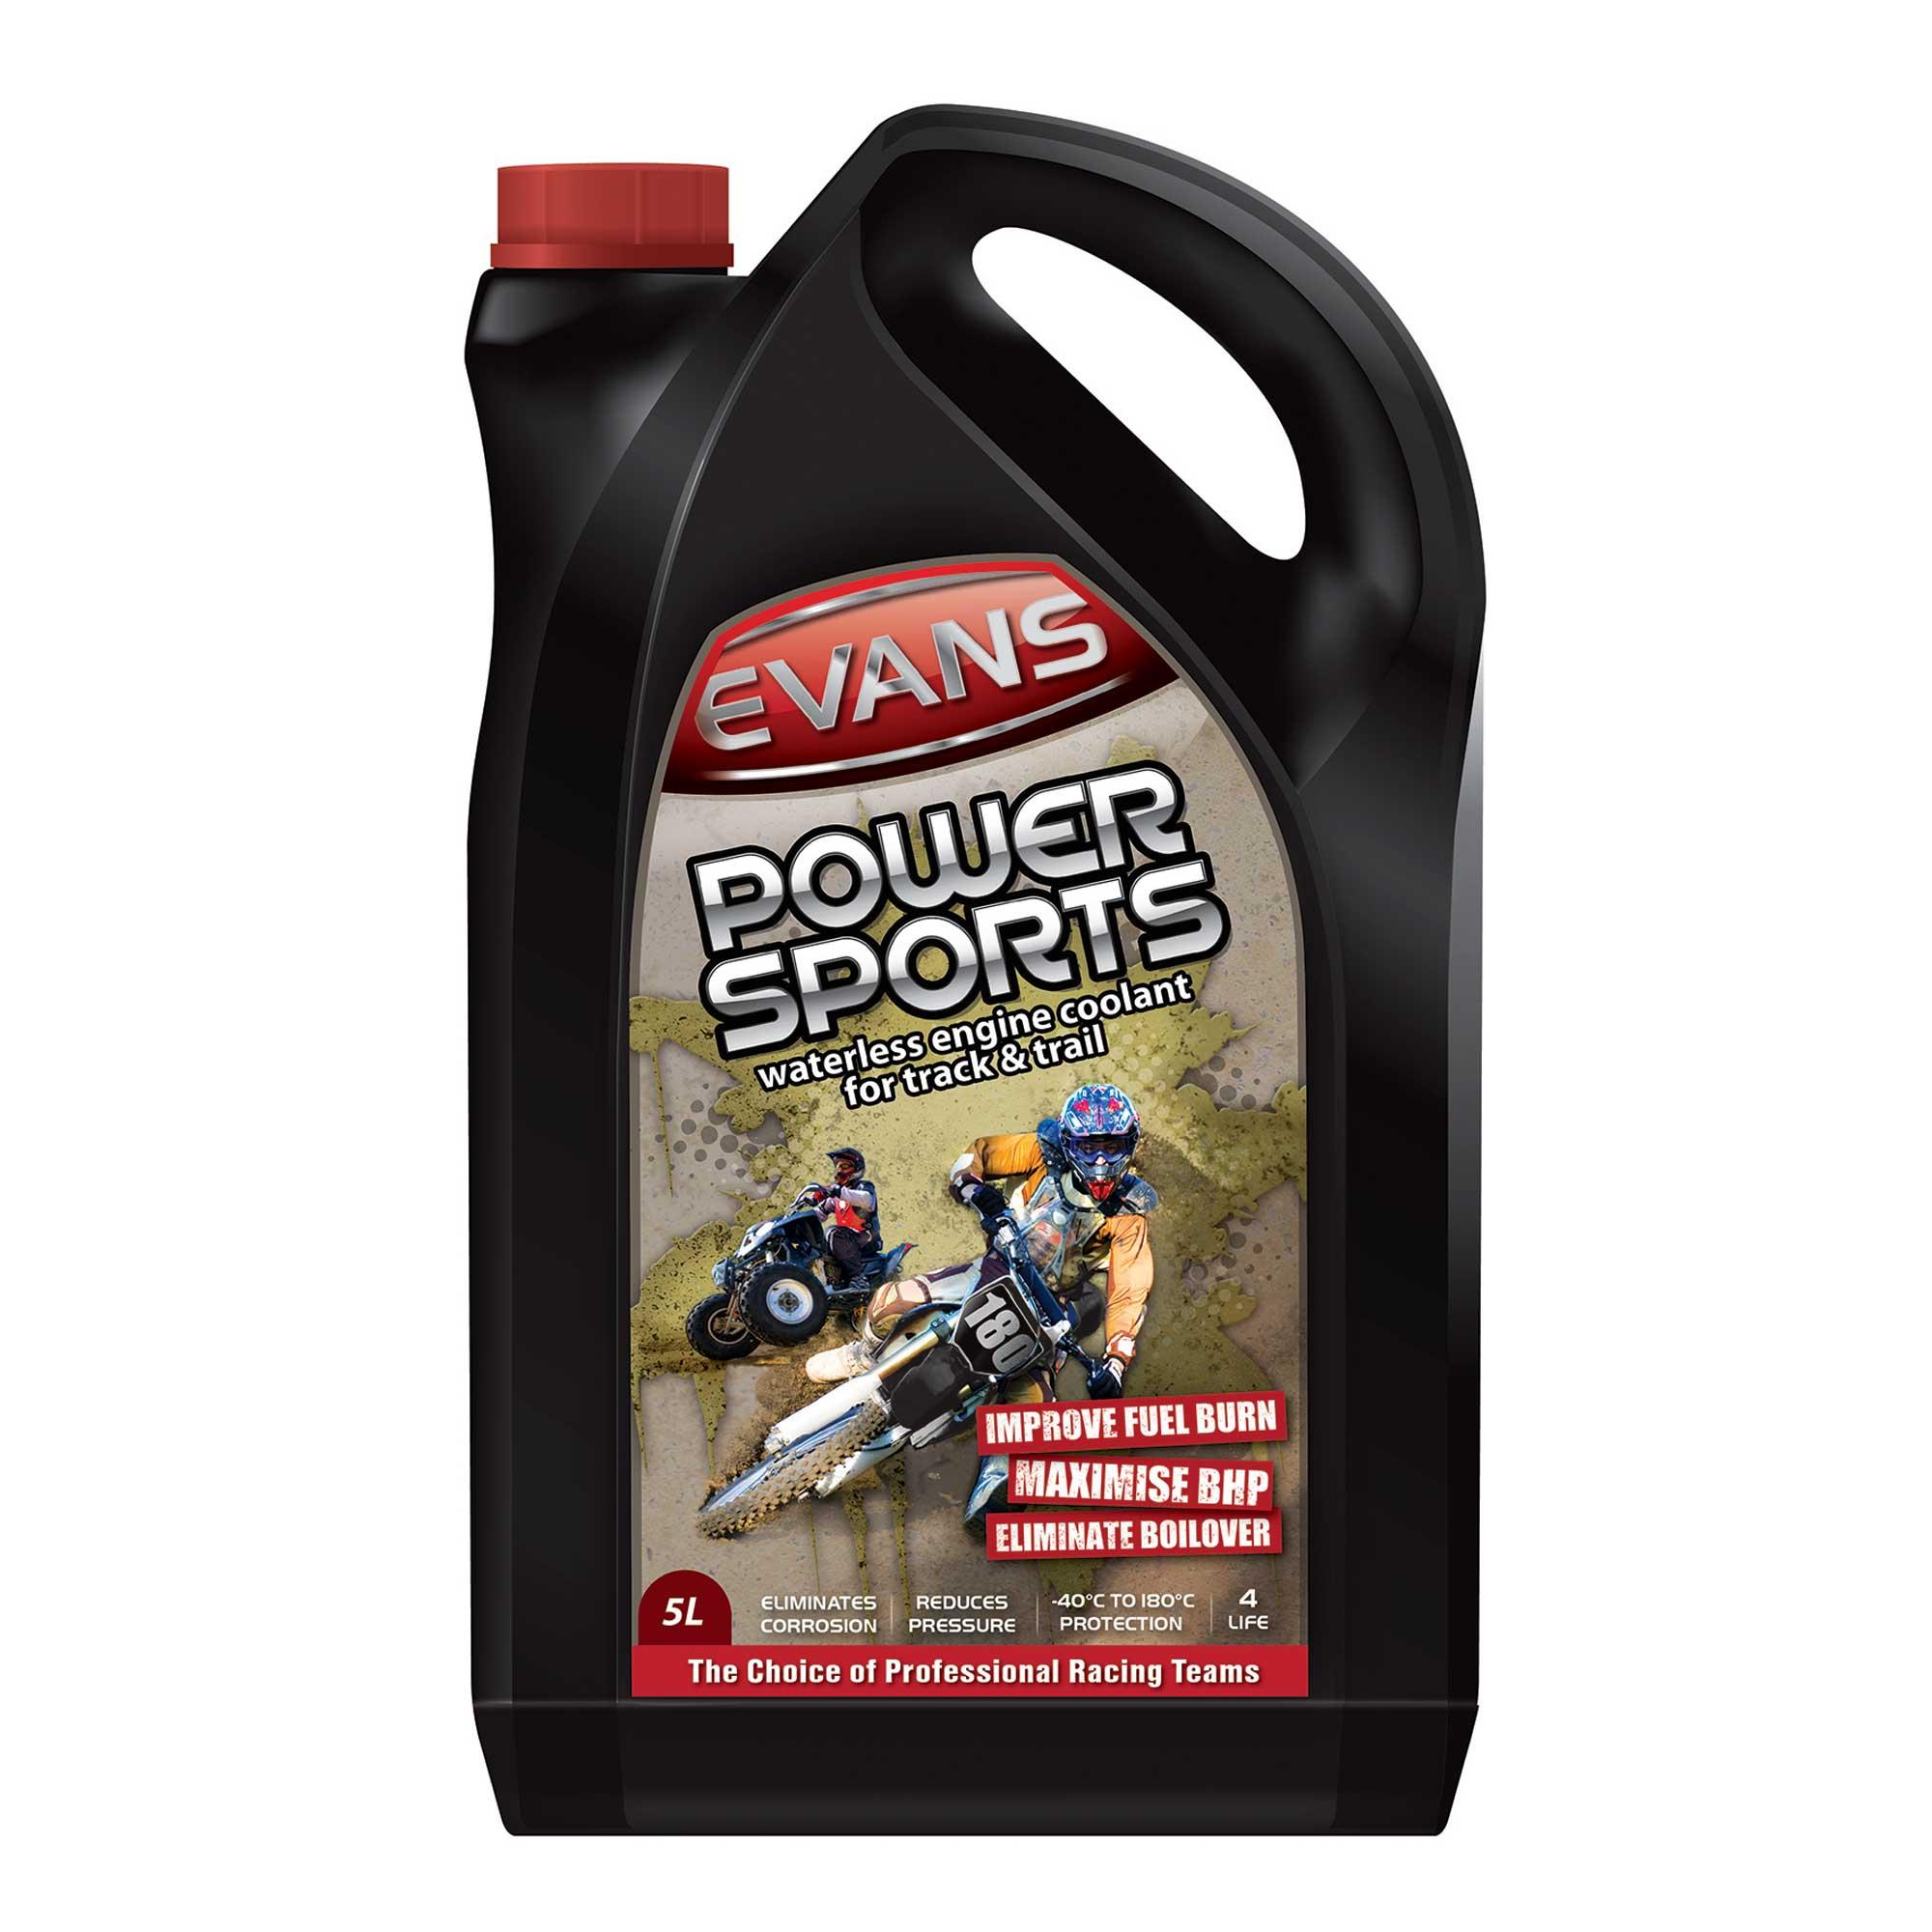 Evans Power Sports 180 5L PS5-Evans